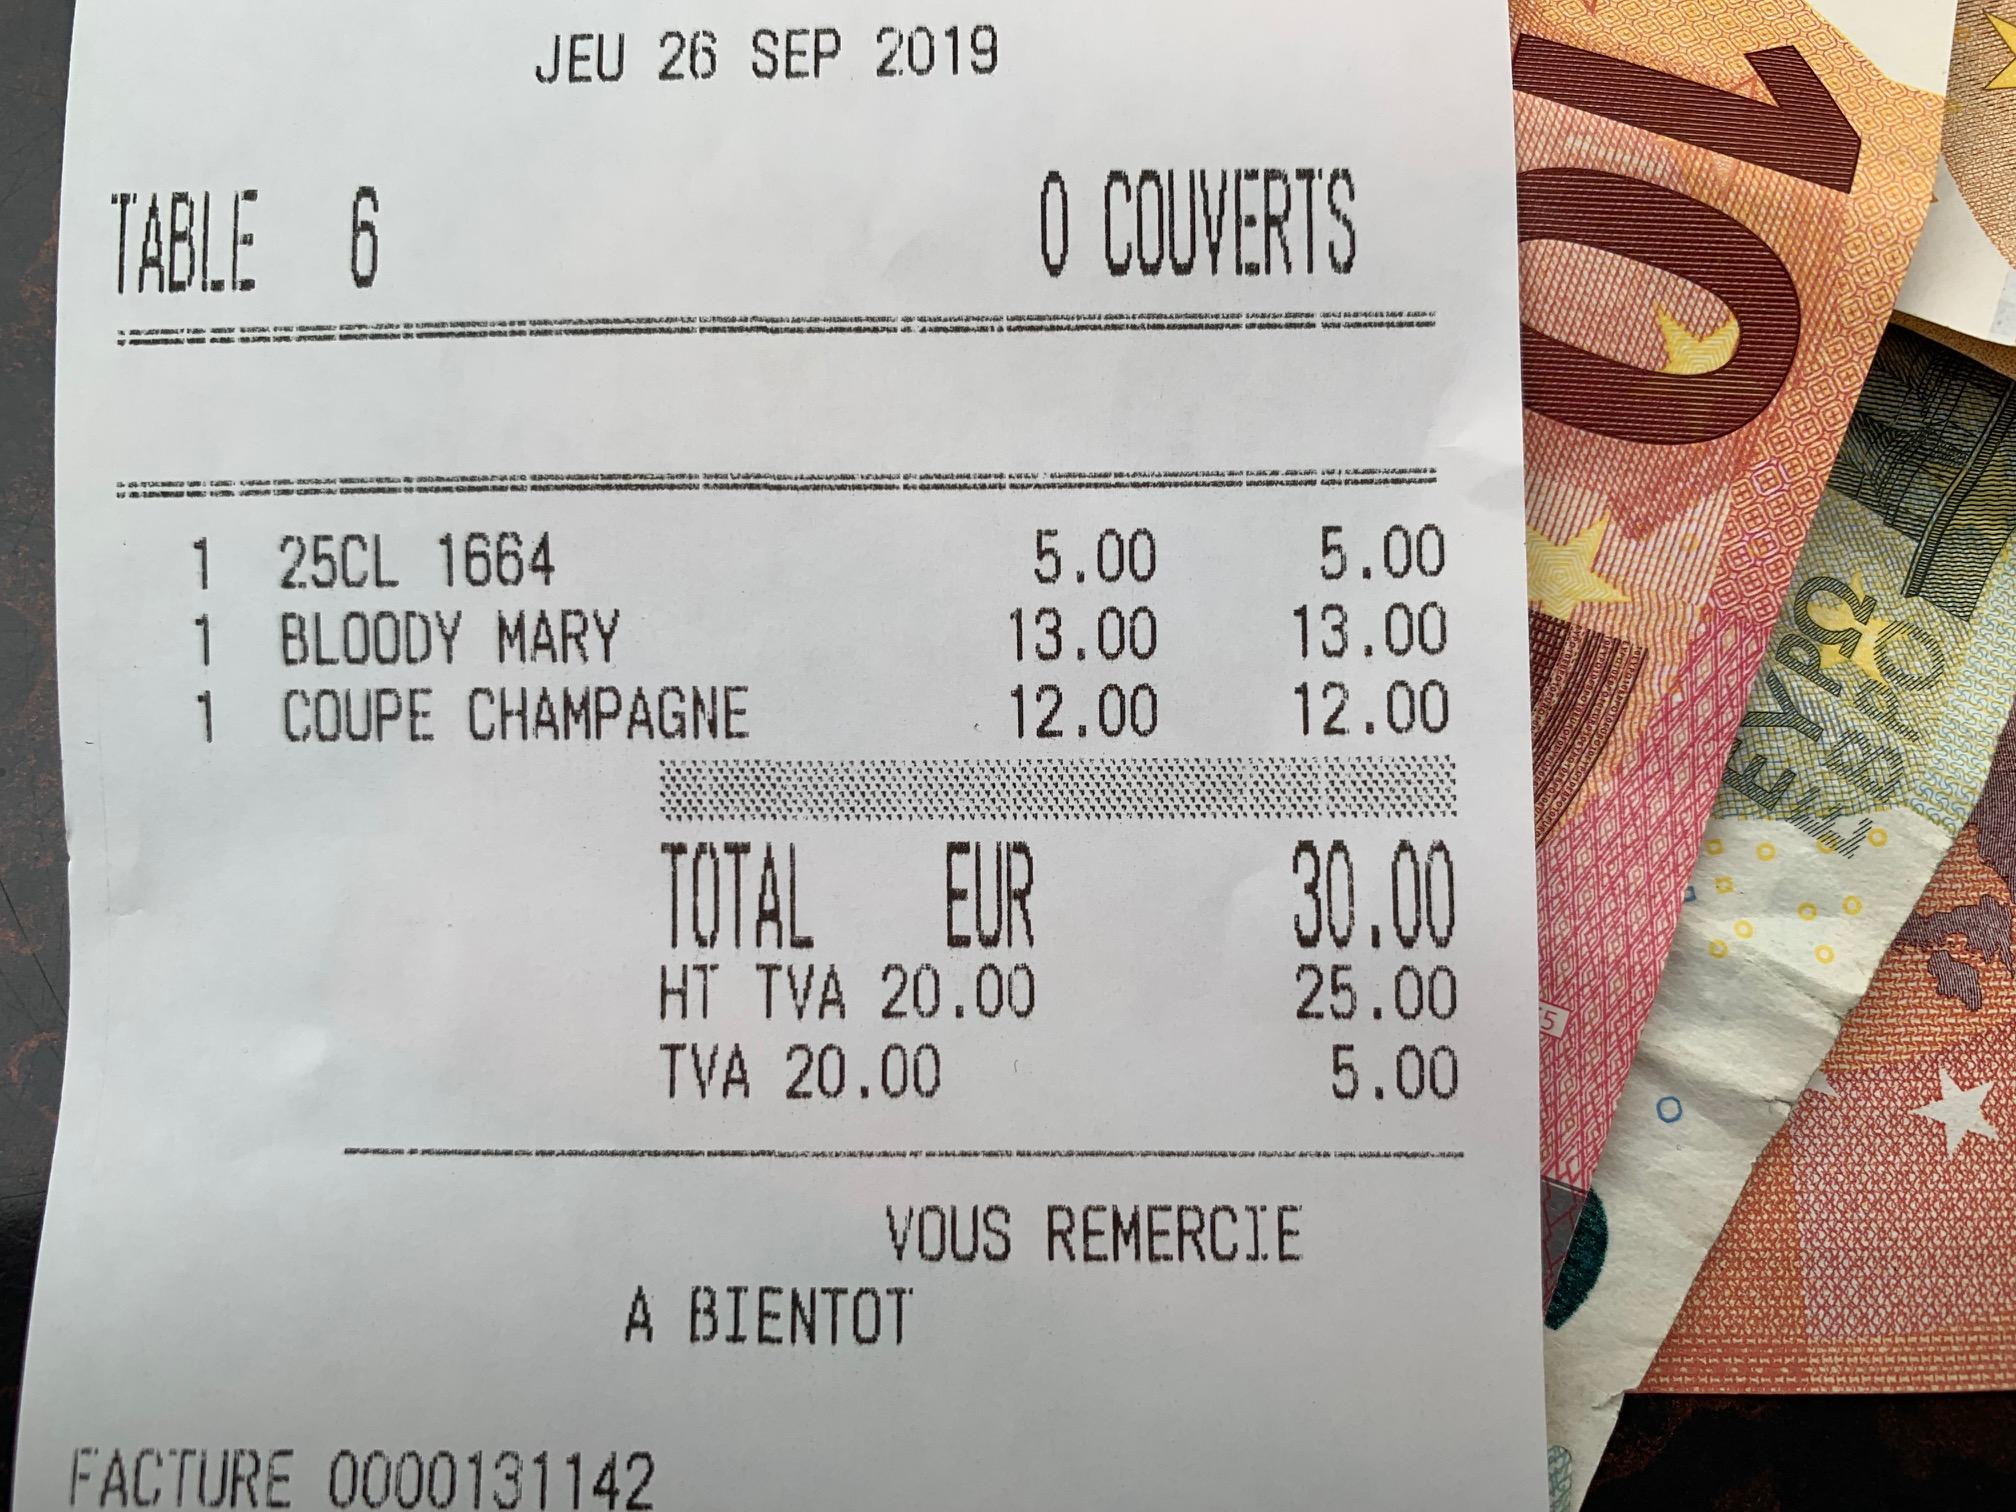 滞仏日記「フランスはなぜ消費税20%なのか」